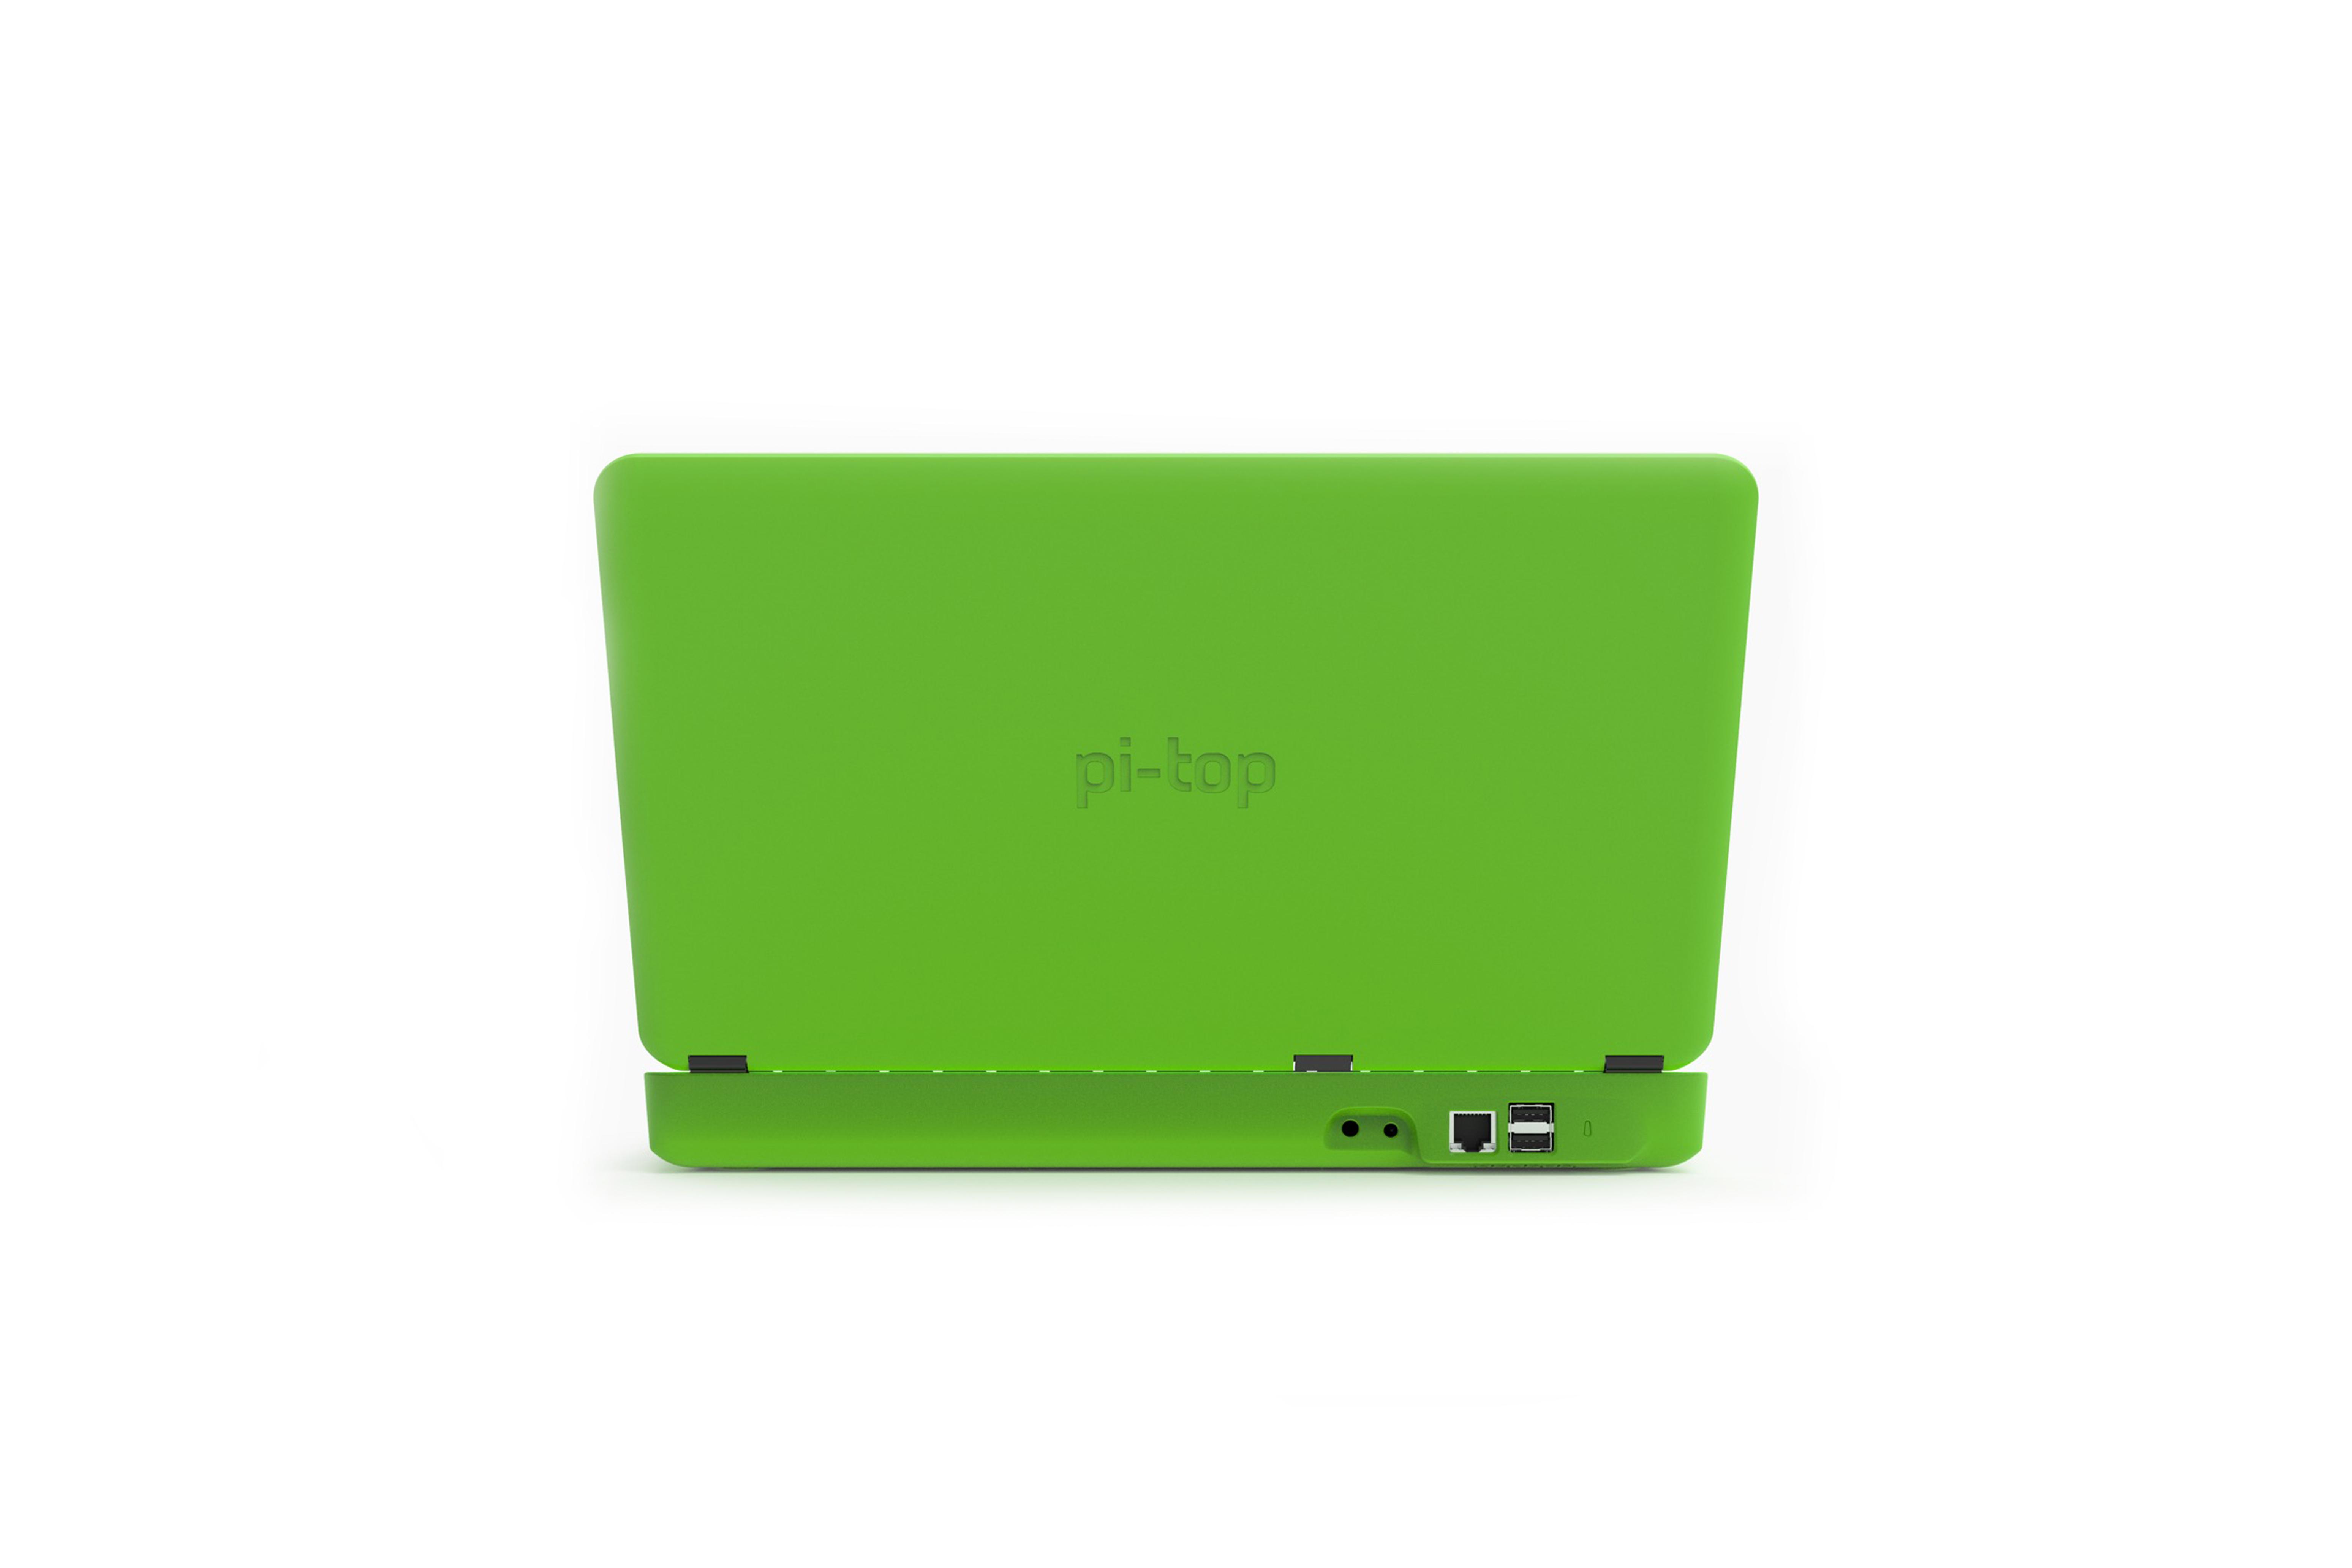 Ordinateur portable modulable pi-top avec kit d'inventeurs